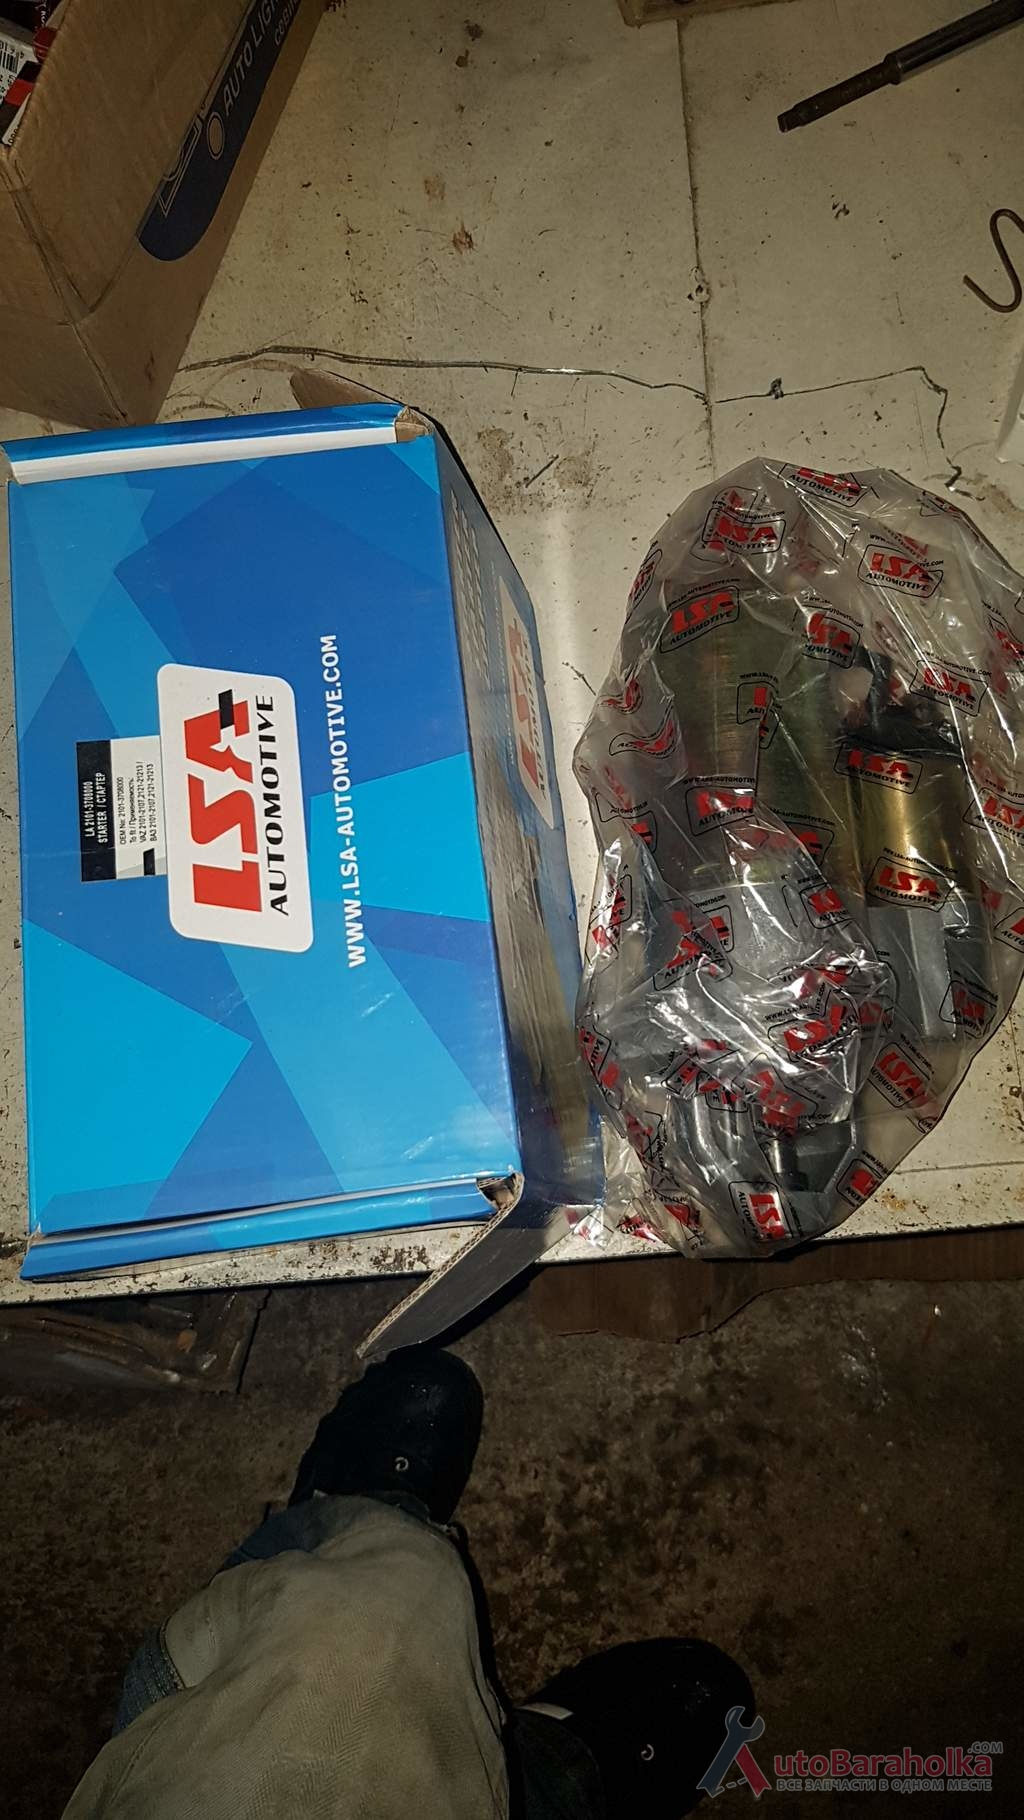 Продам Стартер ВАЗ 2101 2103 2105 2106 2107 2121 21213 новые LSA Чехия редукторный. отличное качество Полтава